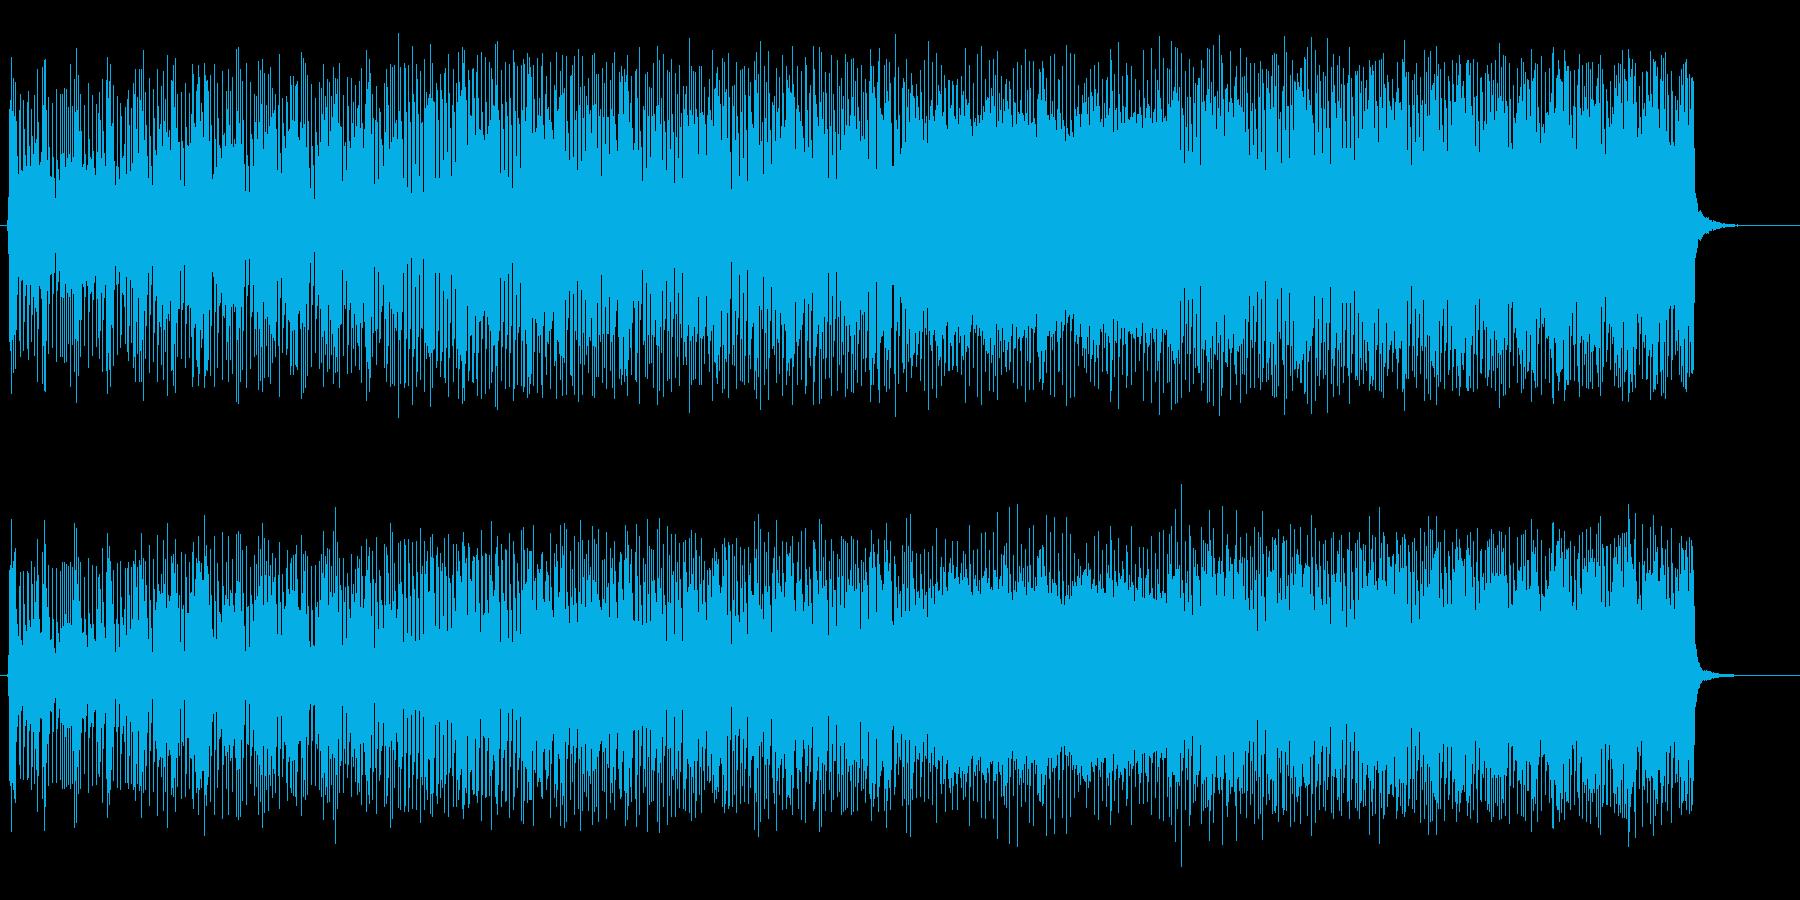 パワフルで重量感があるファンク/ロックの再生済みの波形